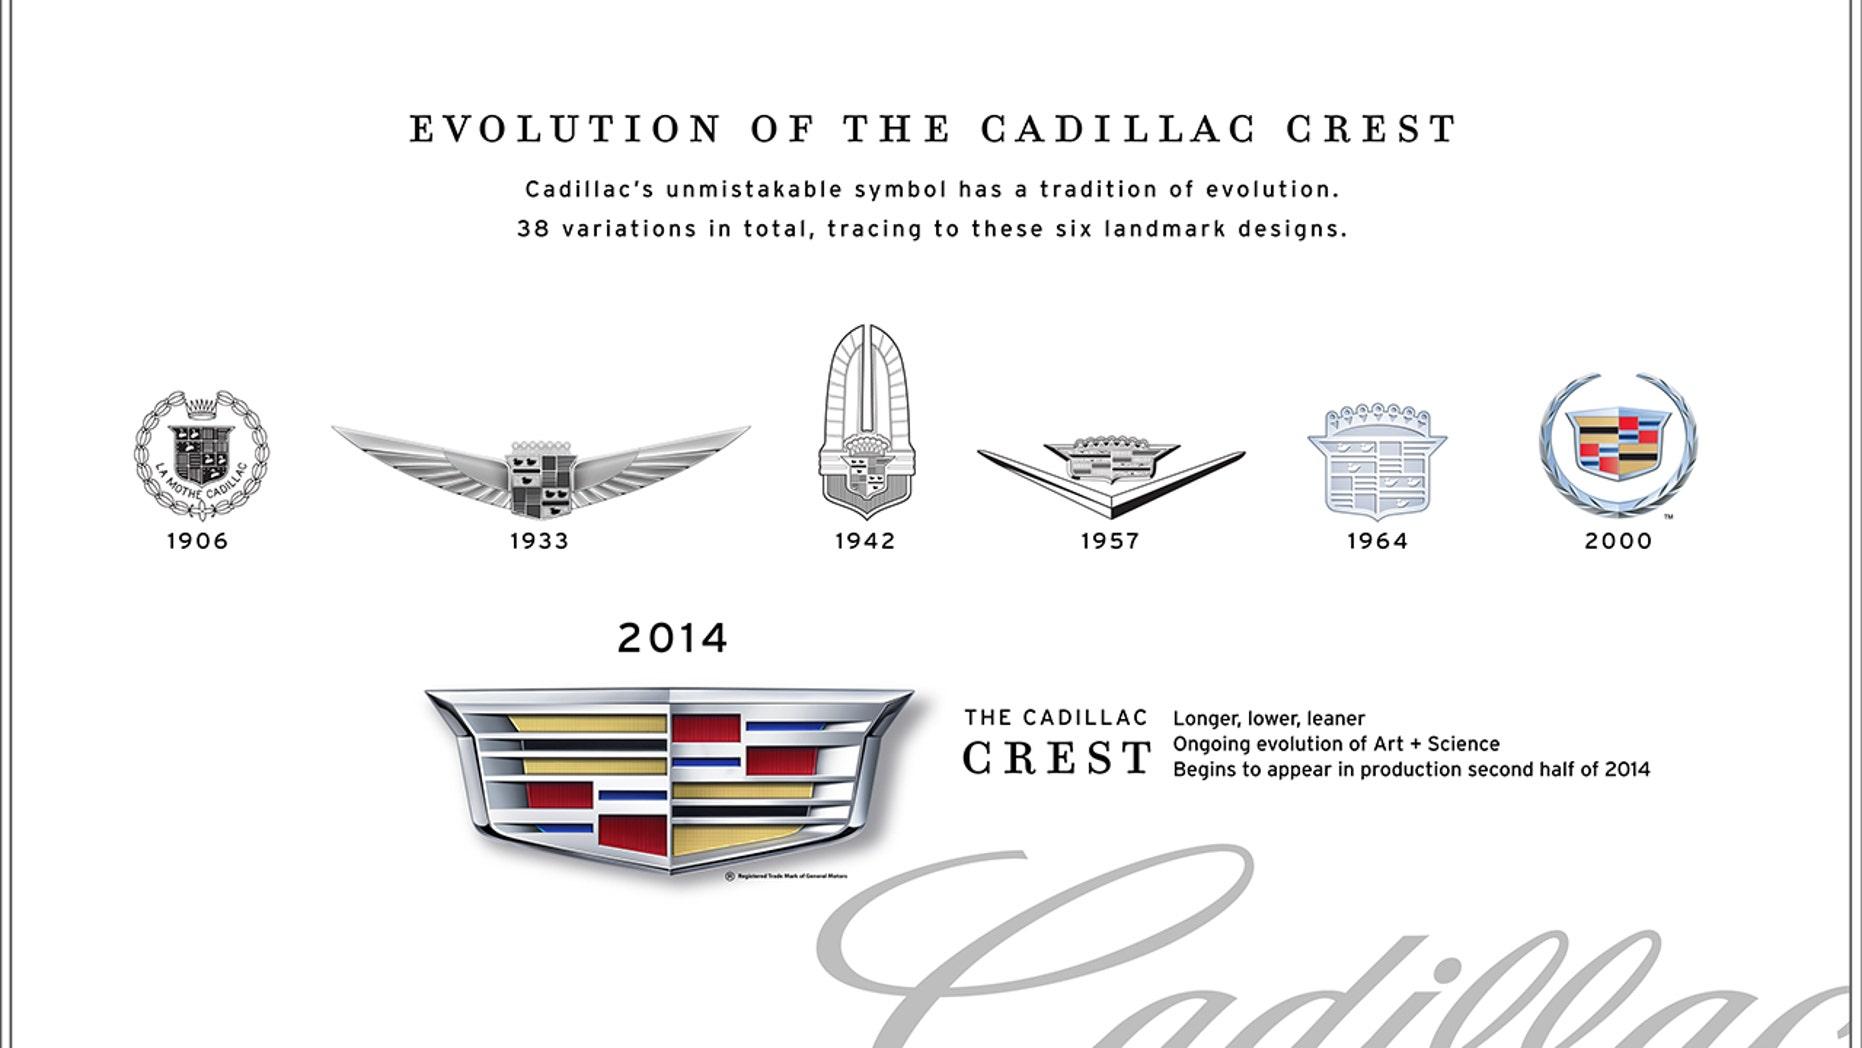 Logo Cadillac telah memiliki 38 variasi selama bertahun-tahun termasuk enam desain tengara. (Cadillac)